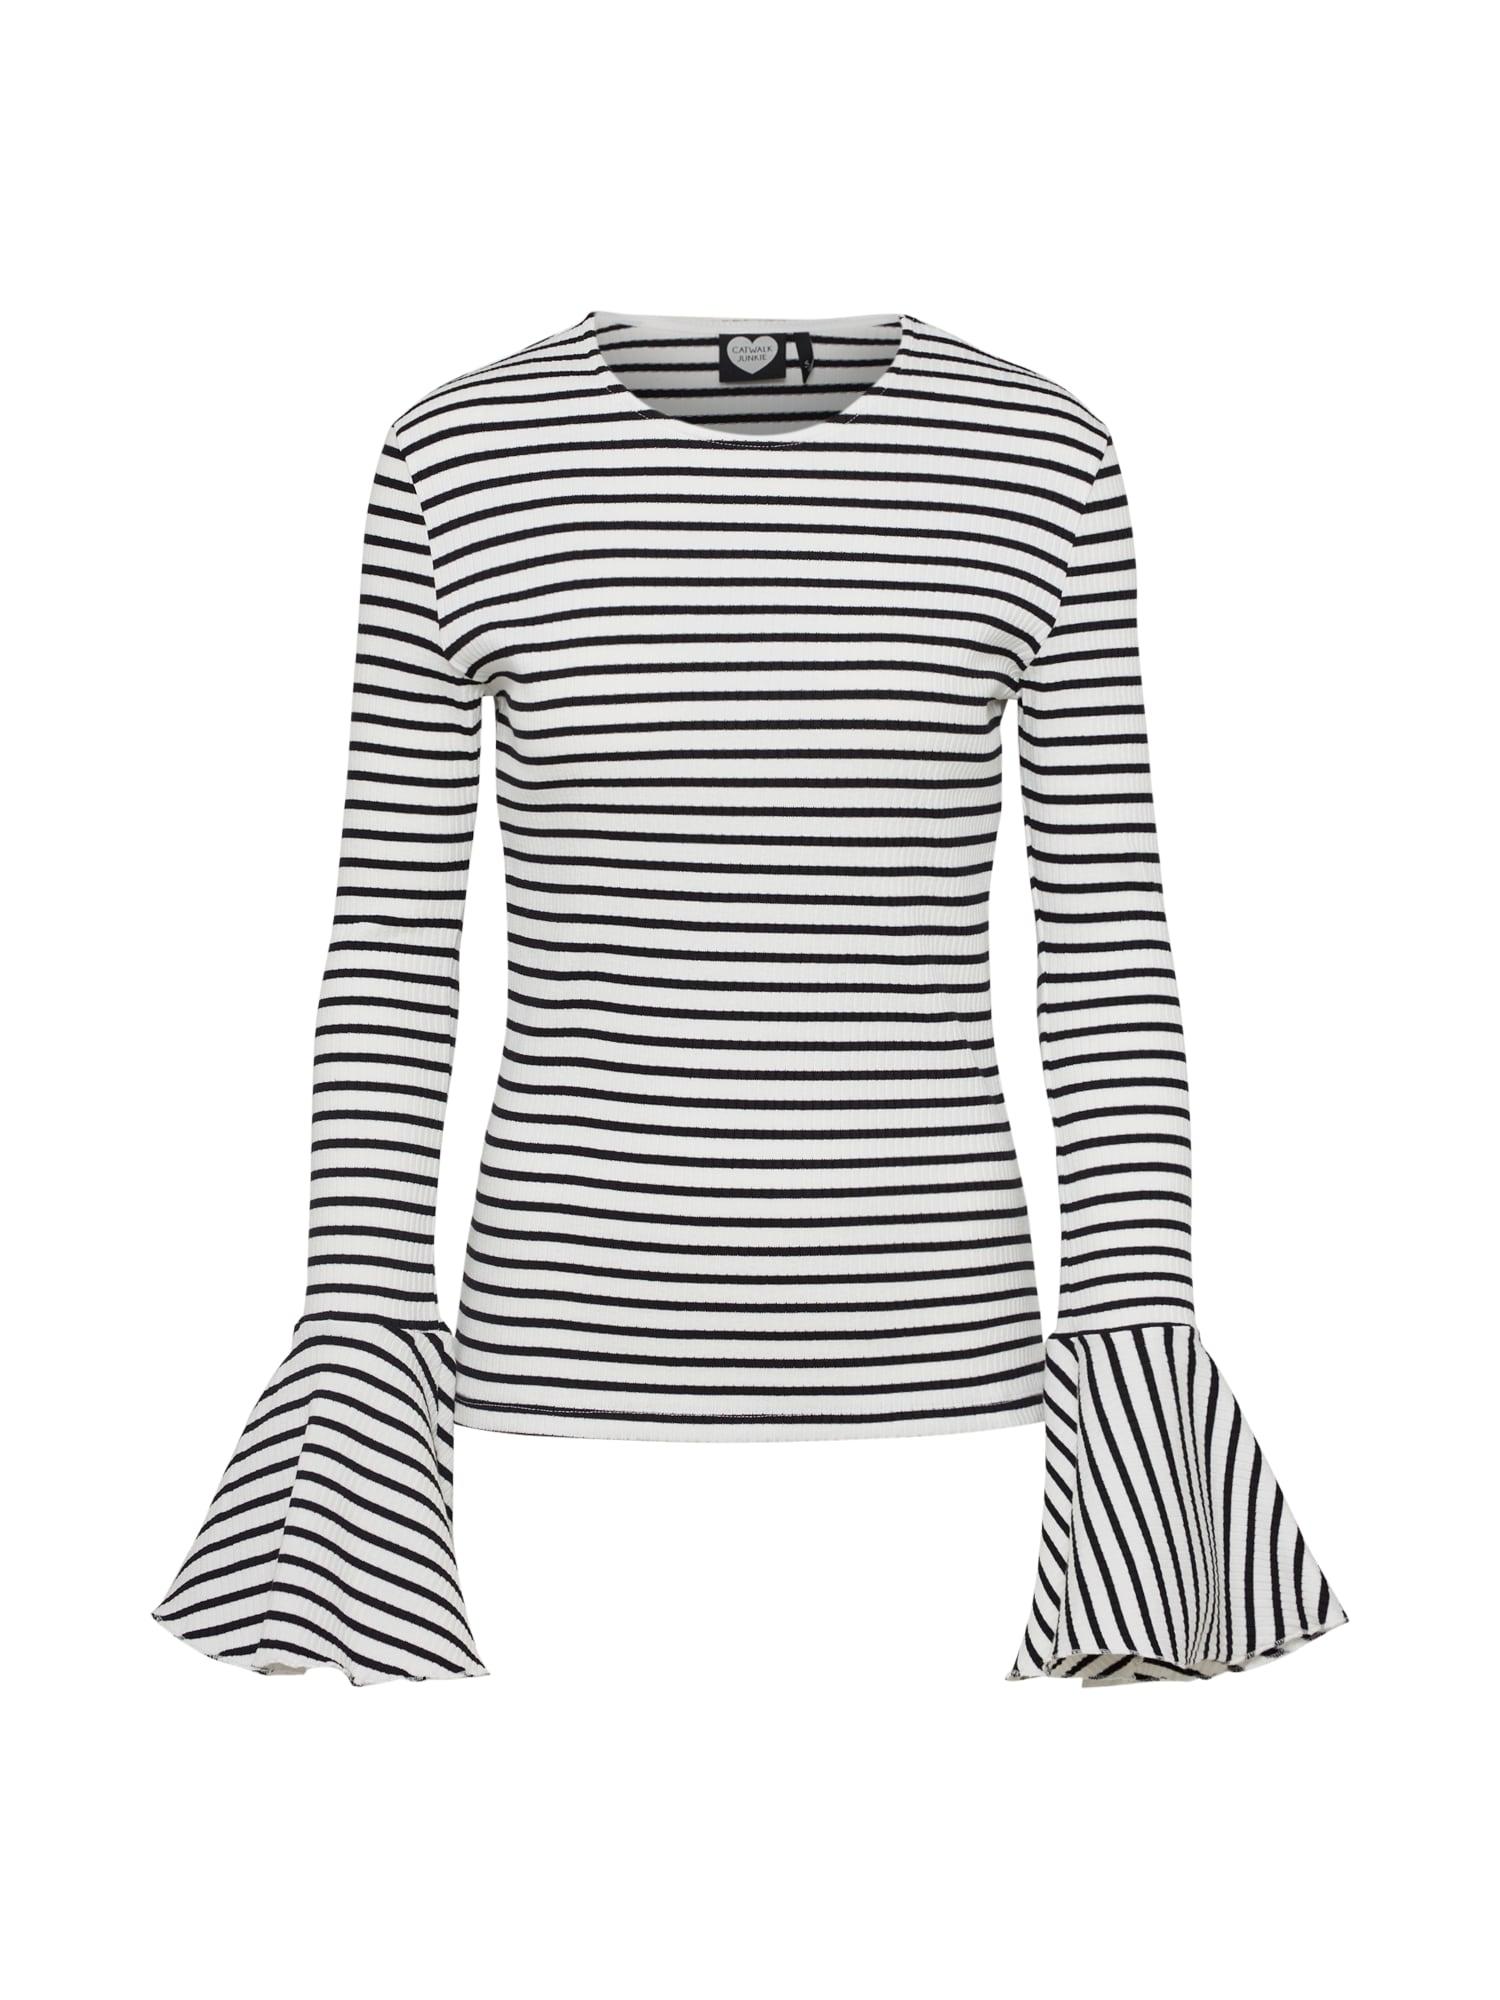 Tričko černá bílá CATWALK JUNKIE